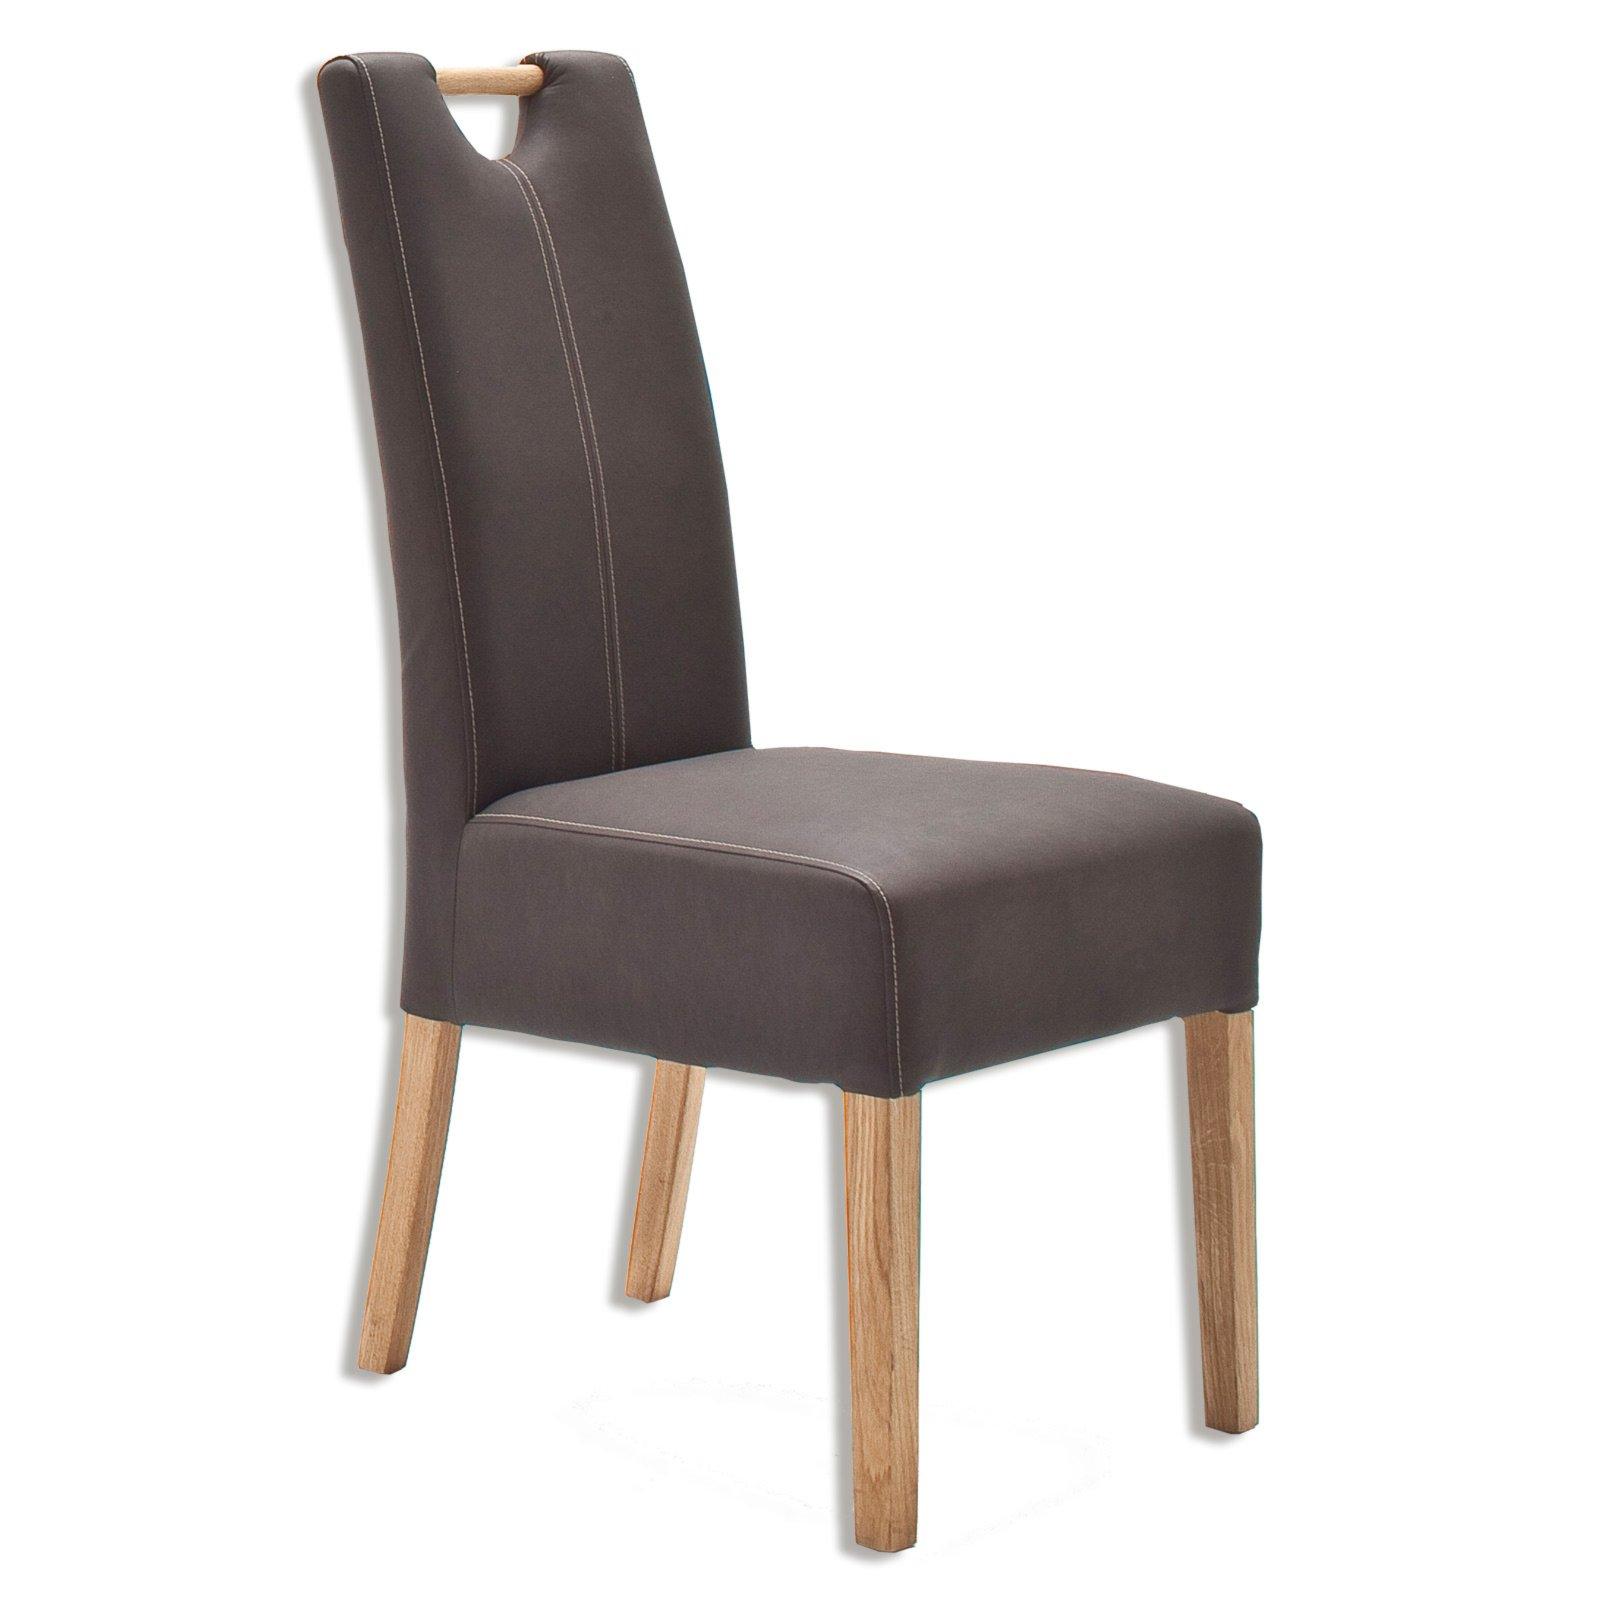 roller stuhl elida eiche massiv braun kunstleder ebay. Black Bedroom Furniture Sets. Home Design Ideas